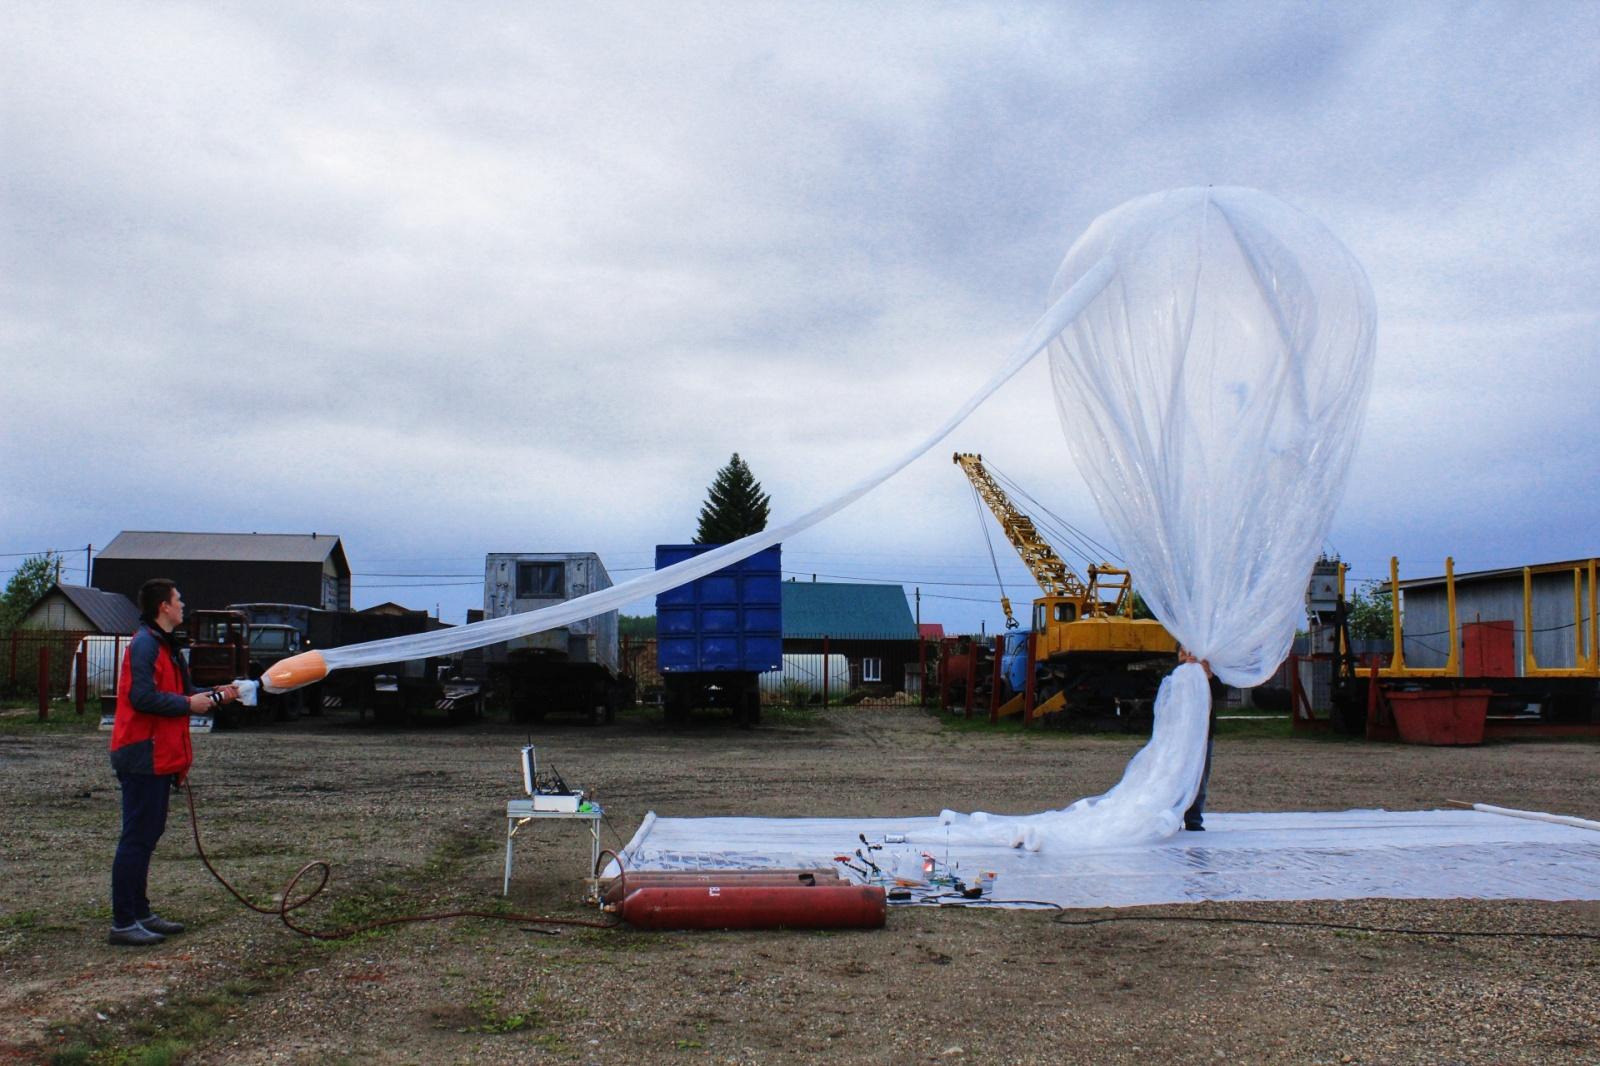 Испытания дрейфующего стратостата. Запуск Рогозина и LoRa в стратосферу - 6